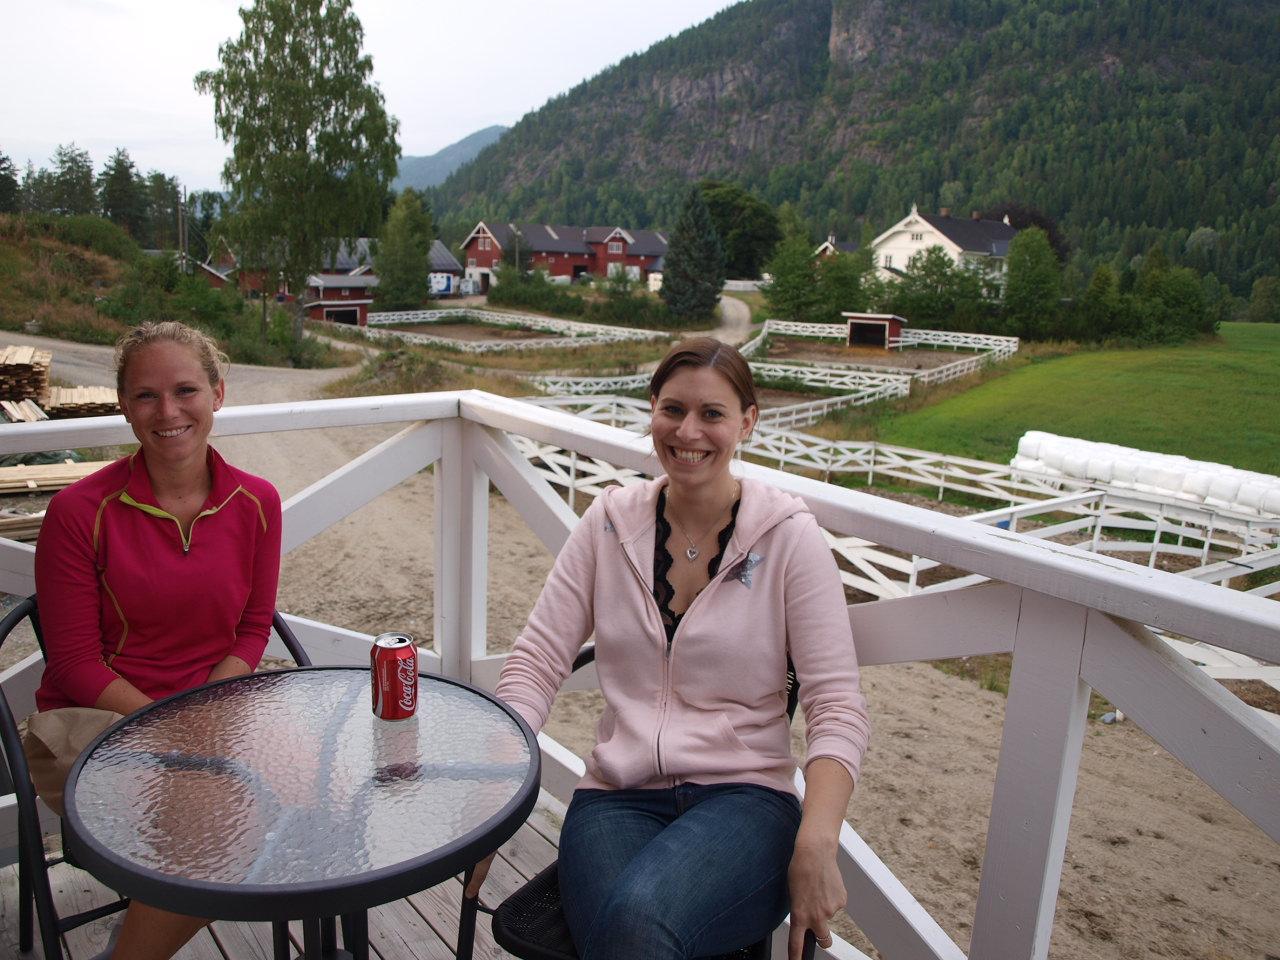 Fra verandaen kan man følge med på livet på gården, og nyte en Cola eller noe annet leskende..!:)